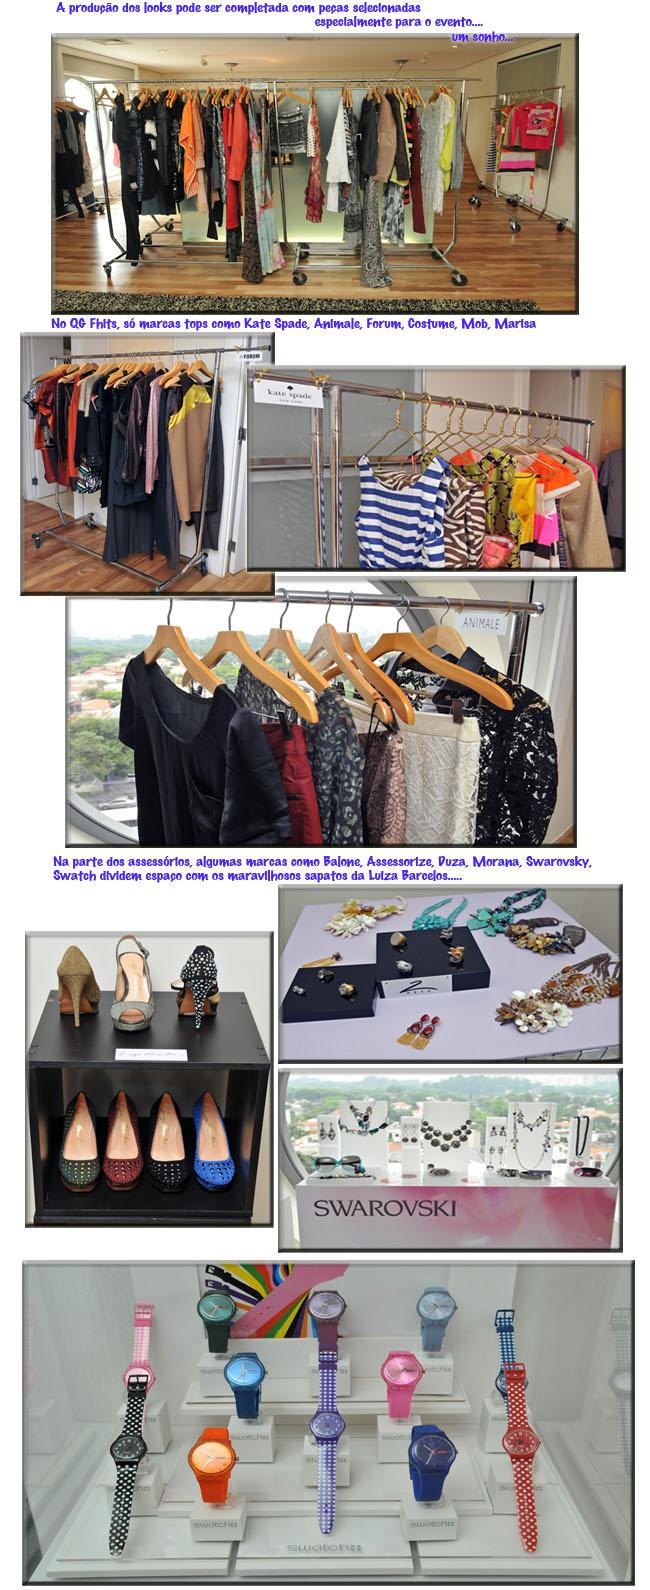 QG Fhits, Fhits, Hotel Unique, SPFW, semana de moda de São Paulo, blogueiras Fhits, LeBlog, Hotel Unique, São Paulo